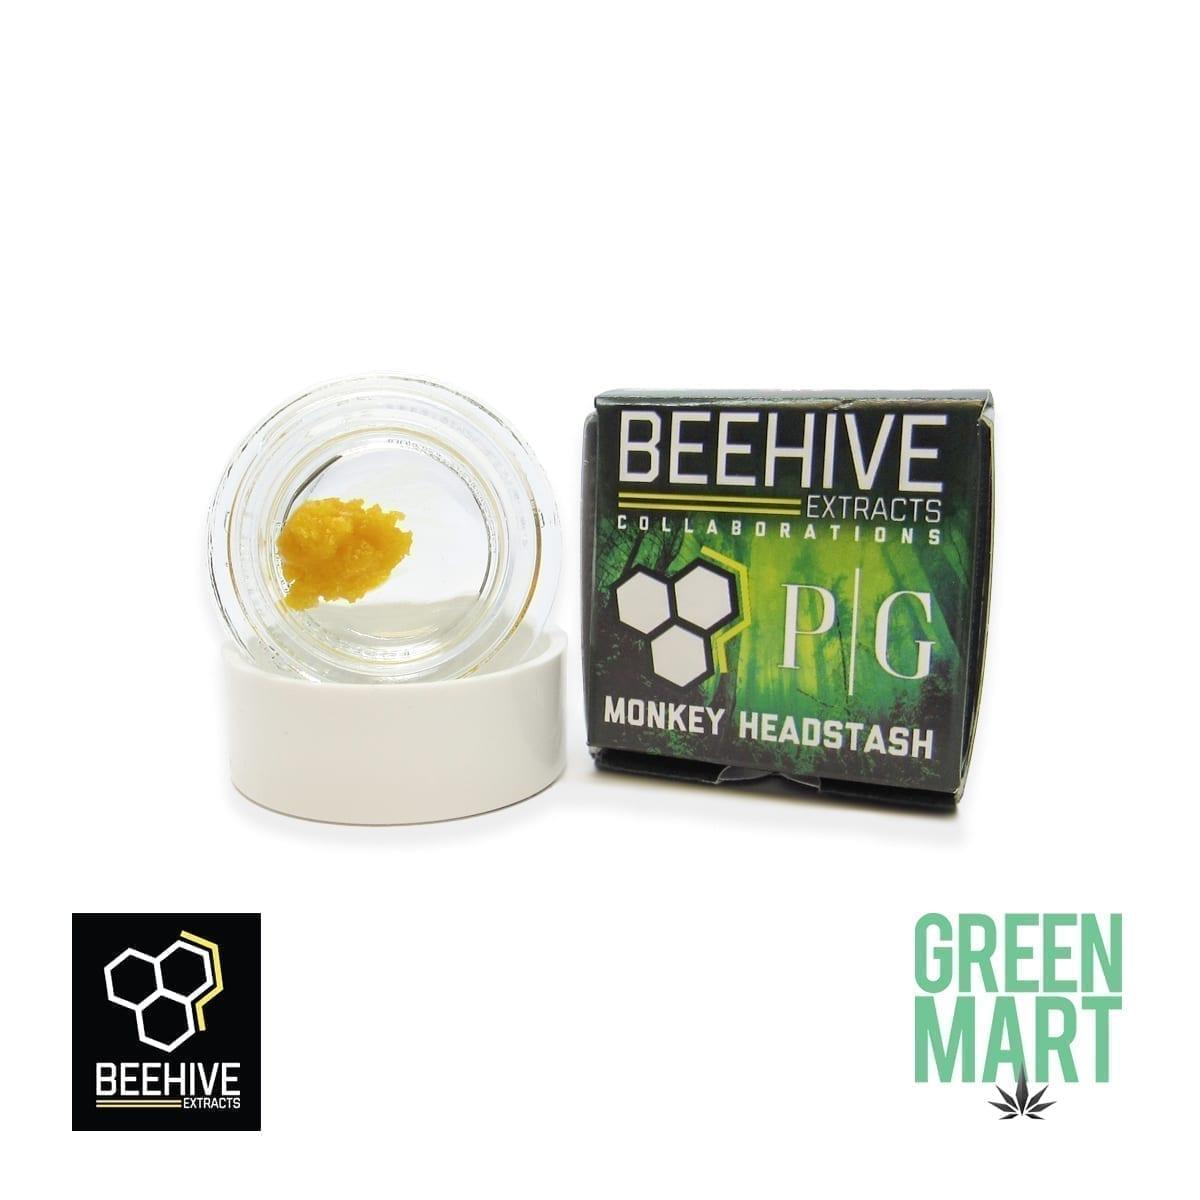 Bee Hive Extracts - Monkey Headstash Badder